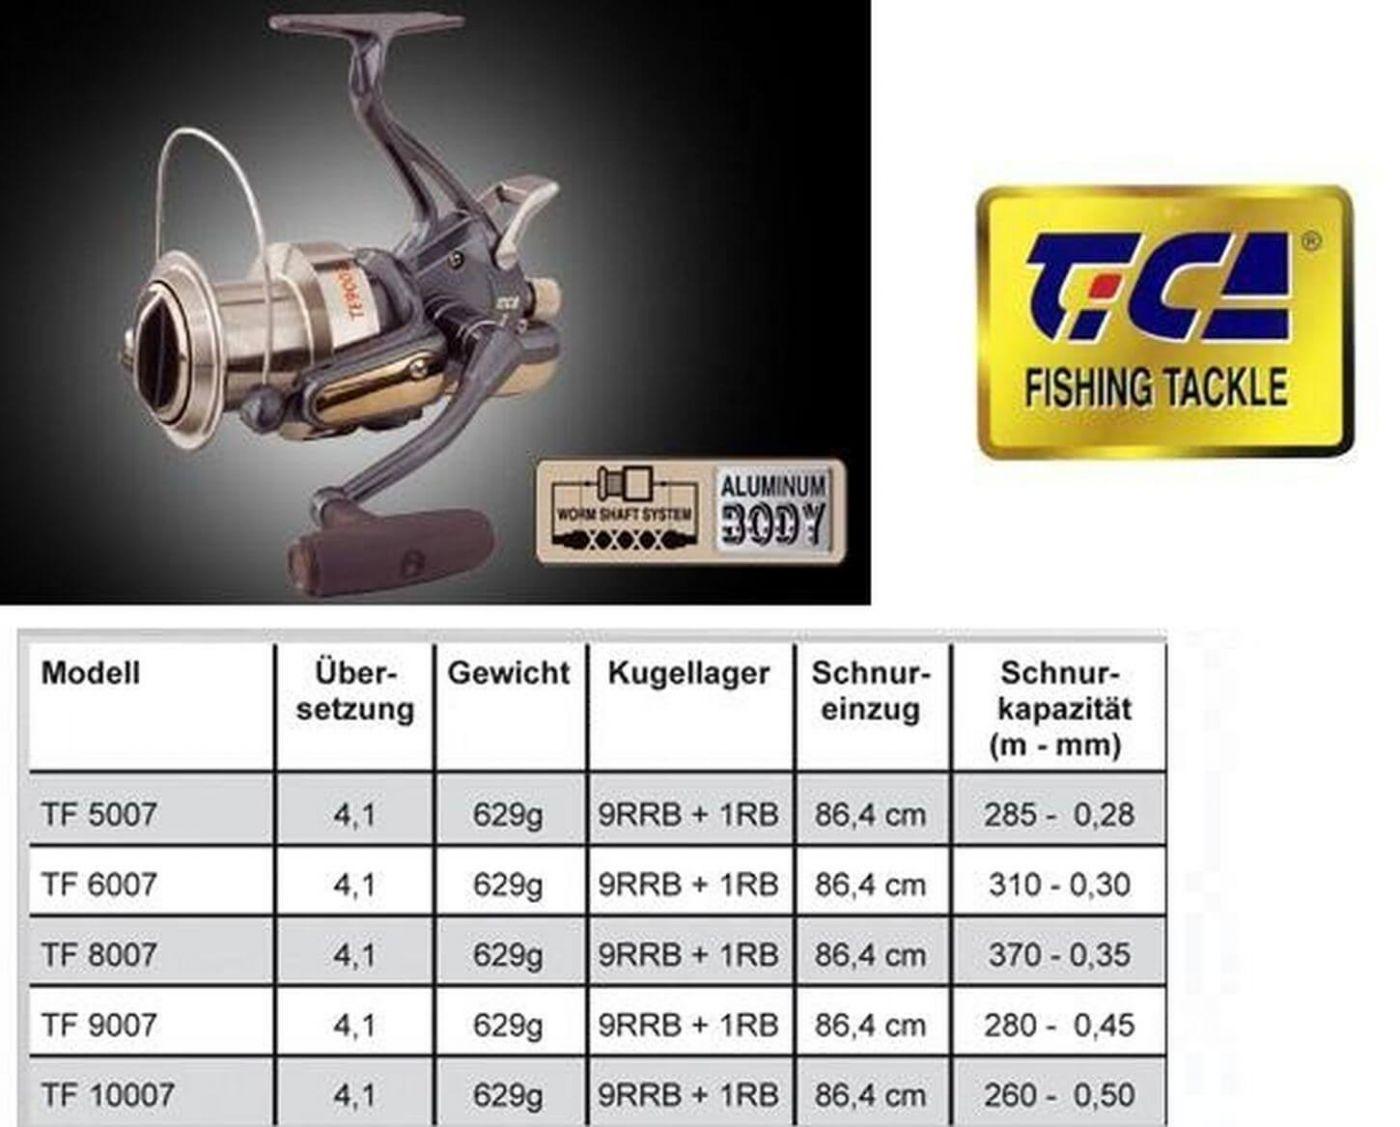 Tica Abyss TF 8007 R Freilaufrolle Karpfen Angeln Rolle